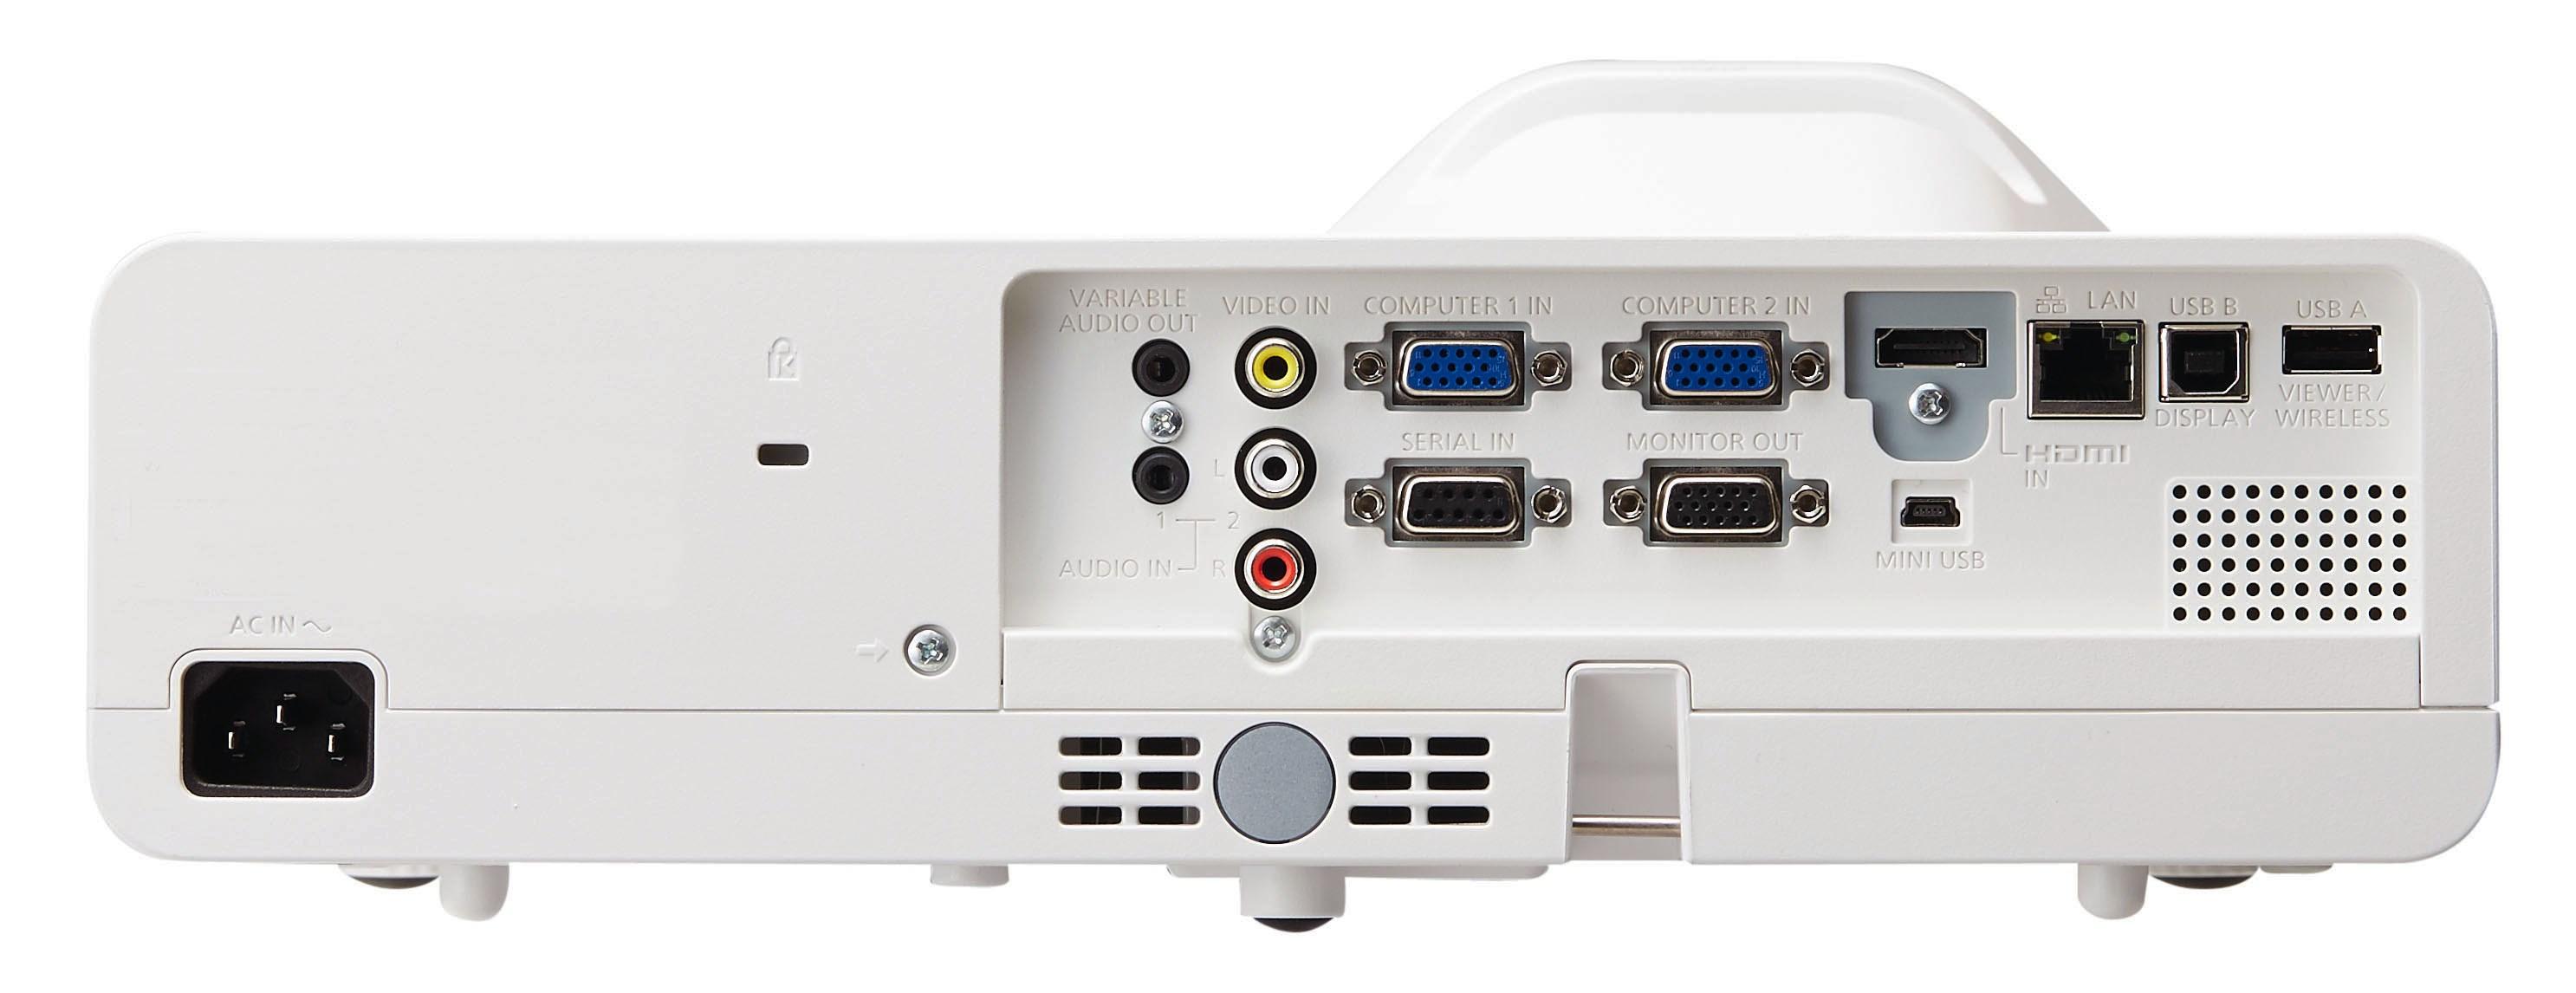 نمای پشت ویدئو پرژکتور های حرفه ای Short-Throw محصول کمپانی Panasonic ( پاناسونیک ) سری PT-TW351